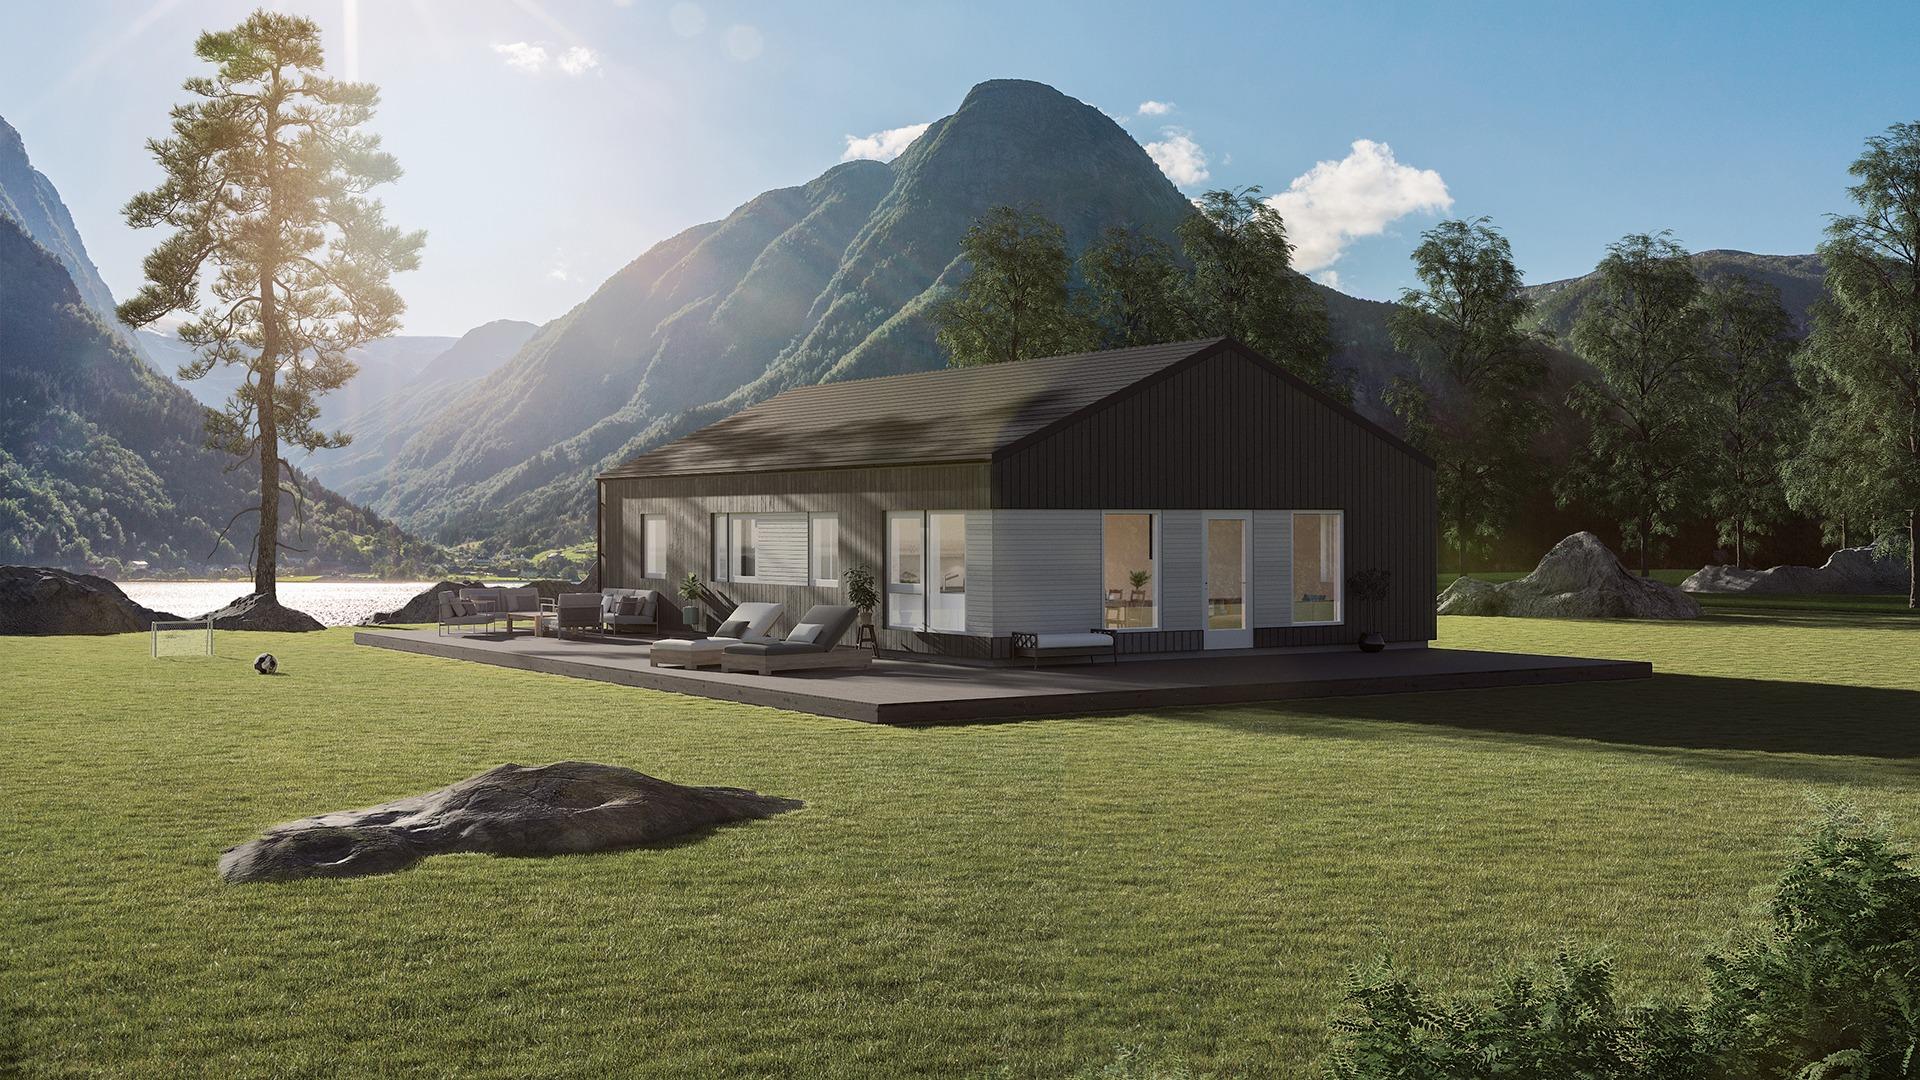 Lund Moderne - boenhet med to soverom og utleieenhet